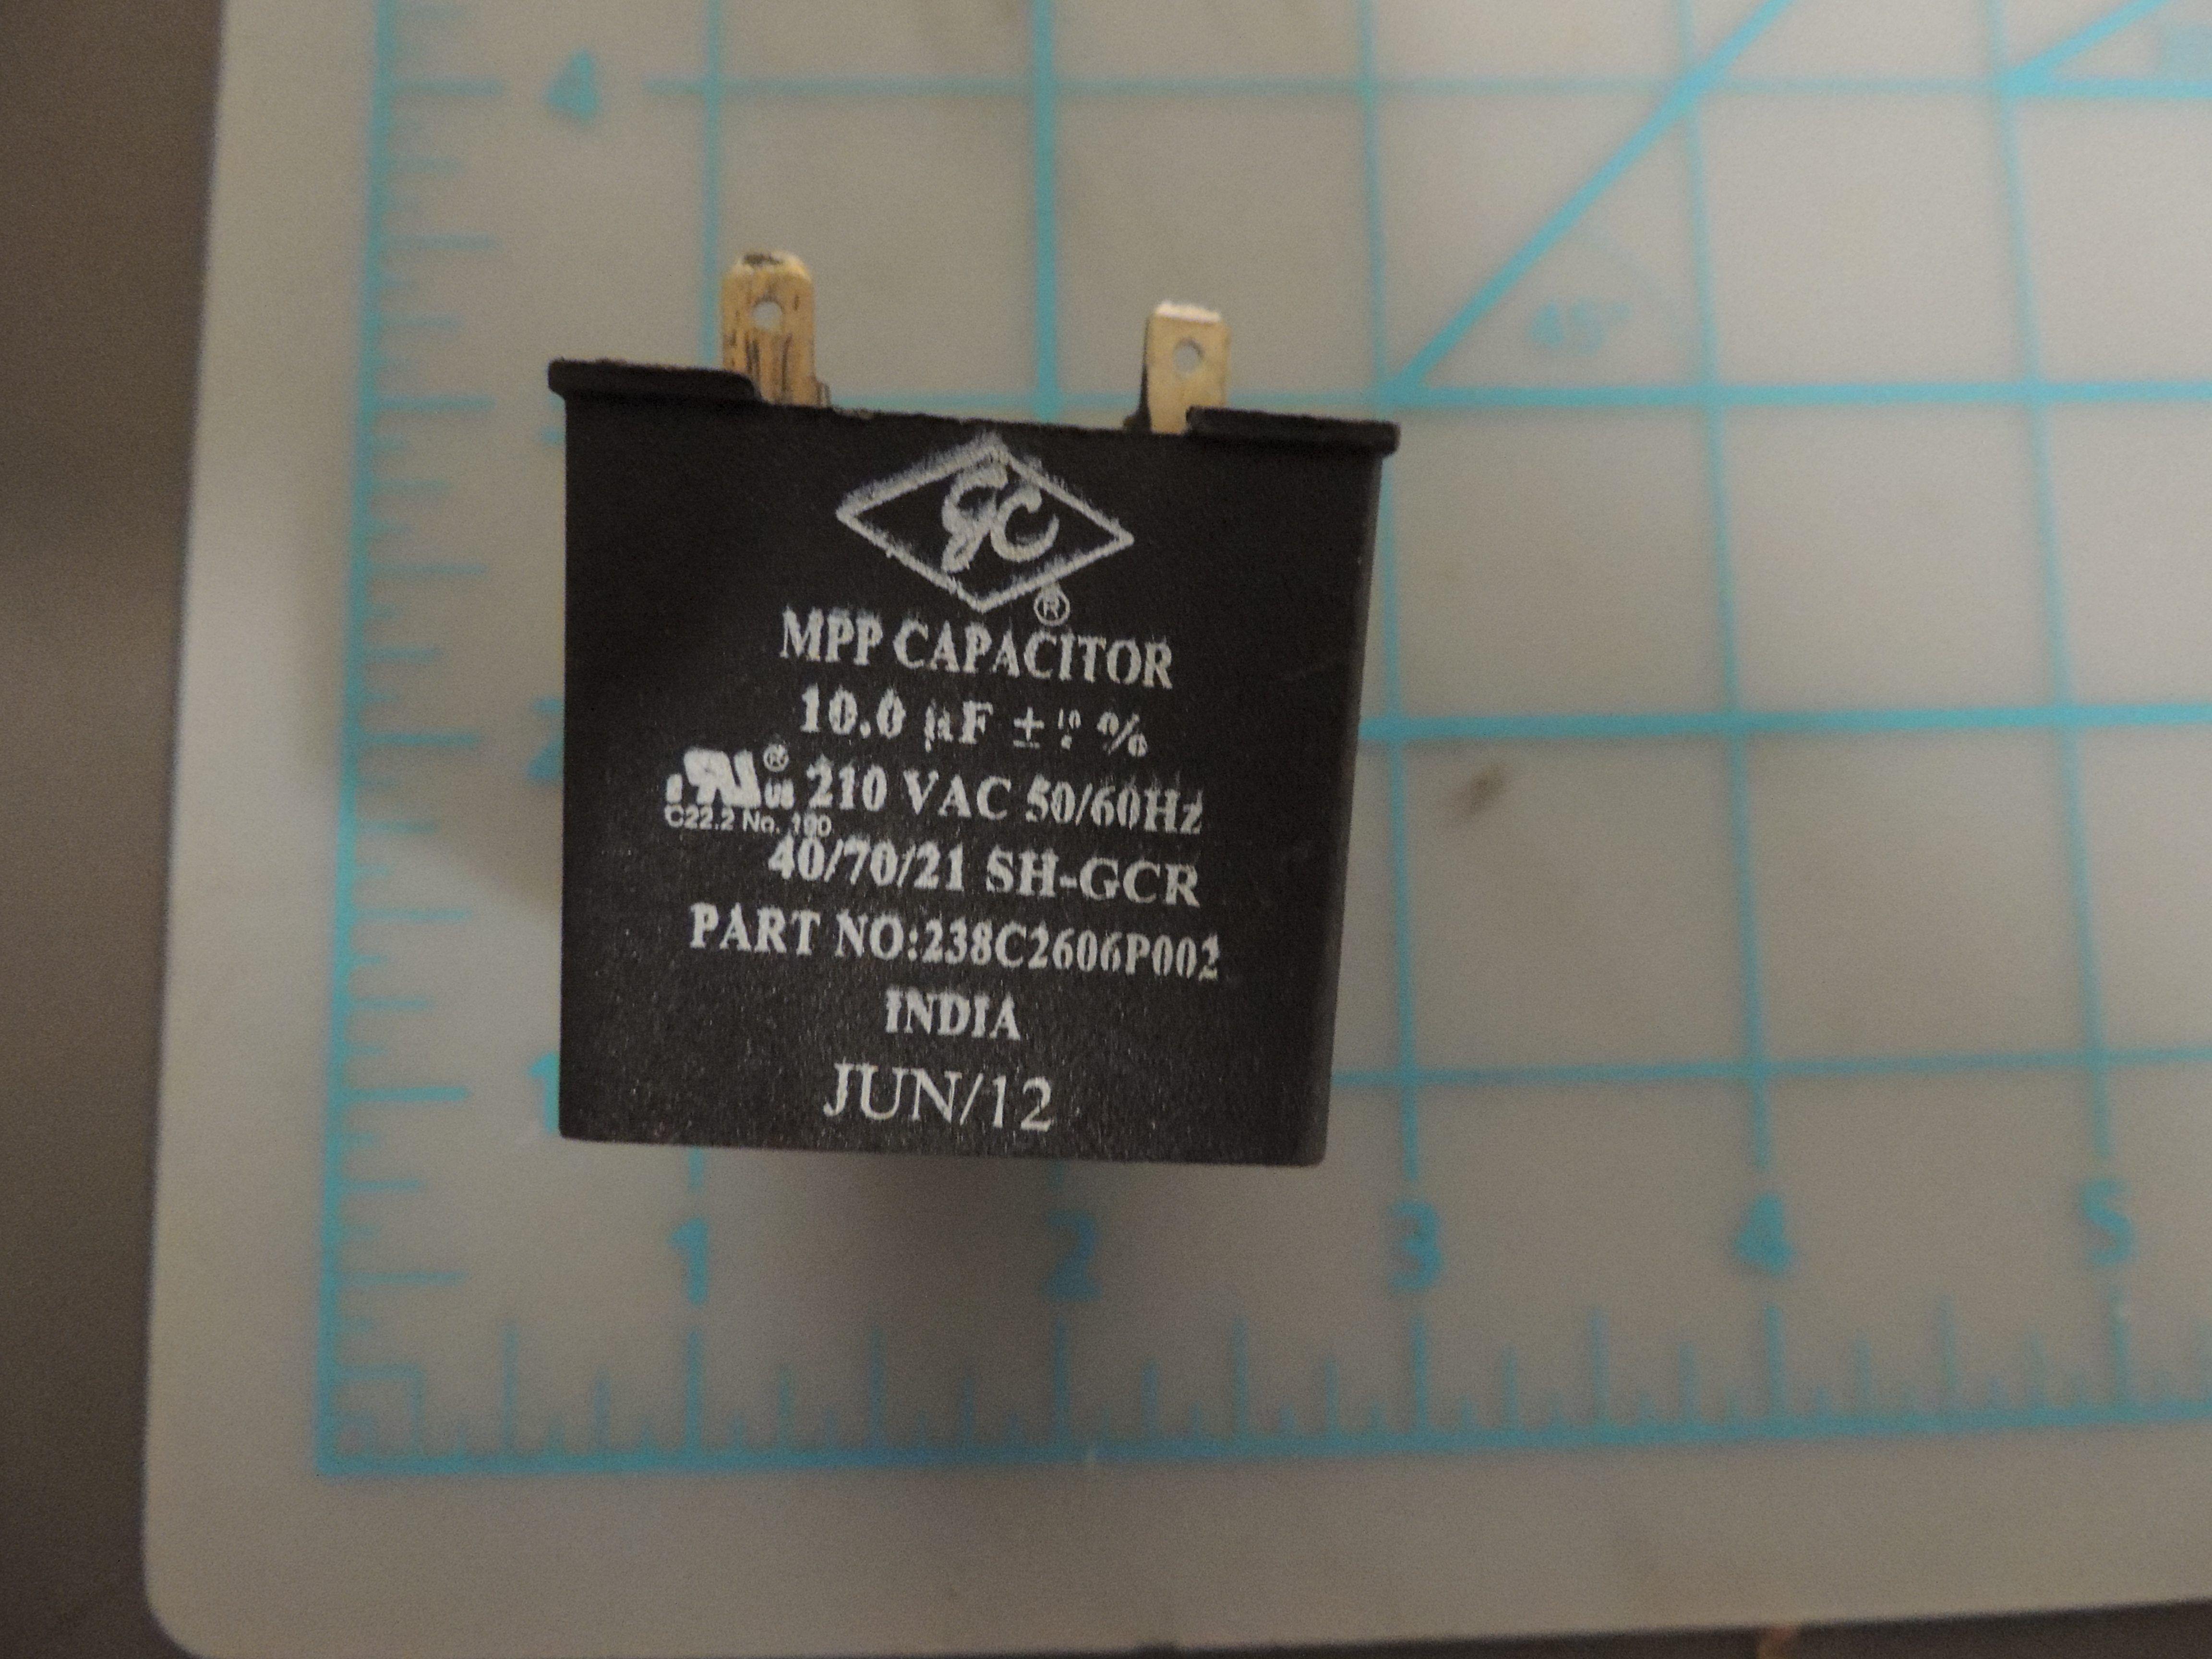 DFF8850 CAPACITOR